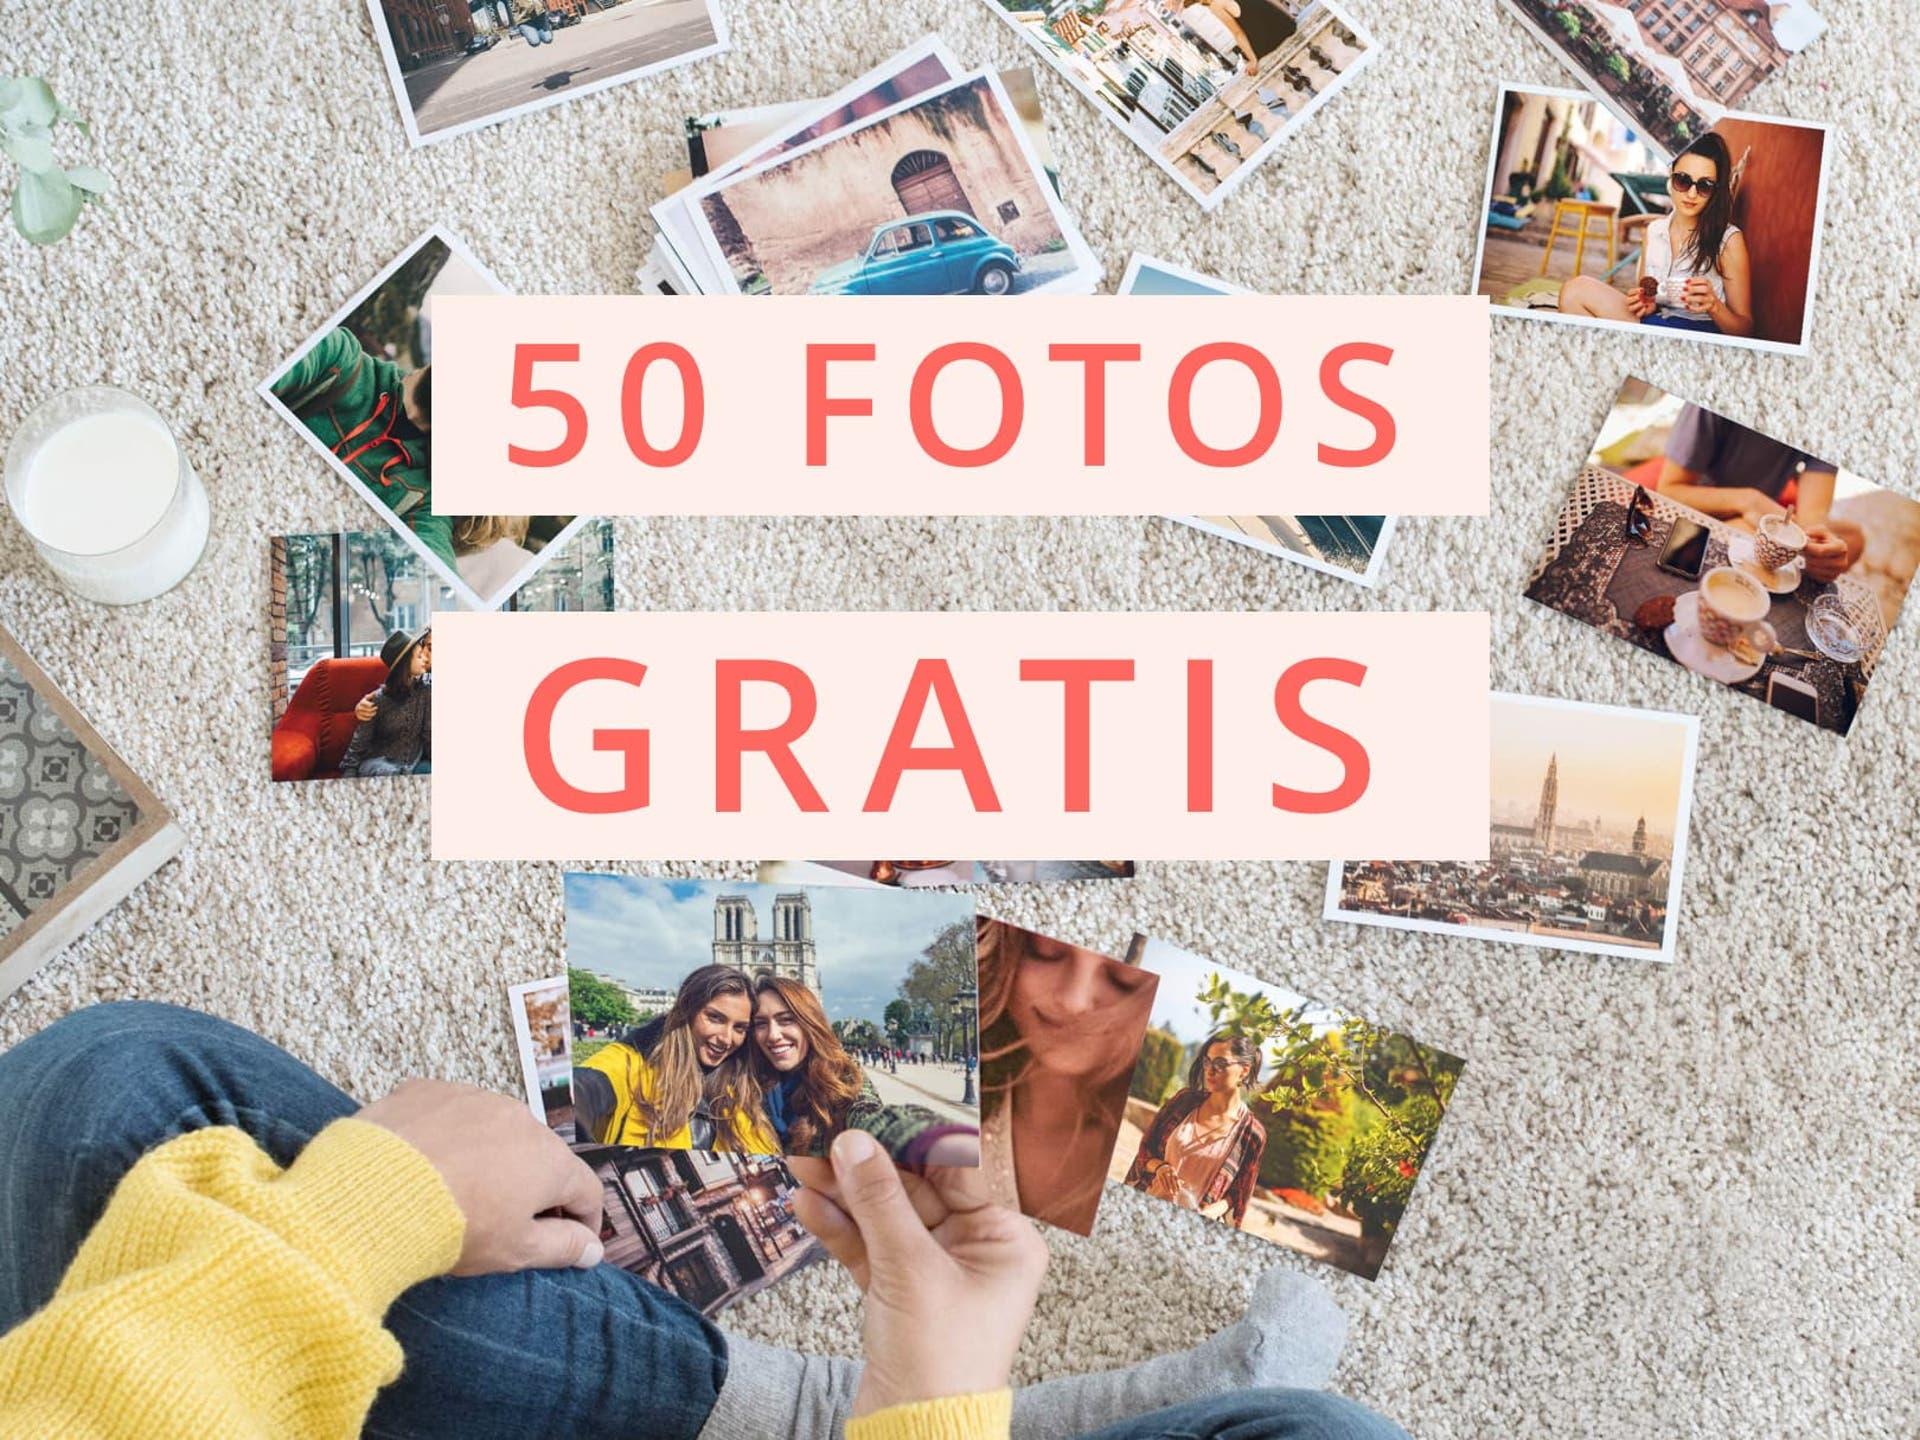 50 Fotos Gratis desde la app